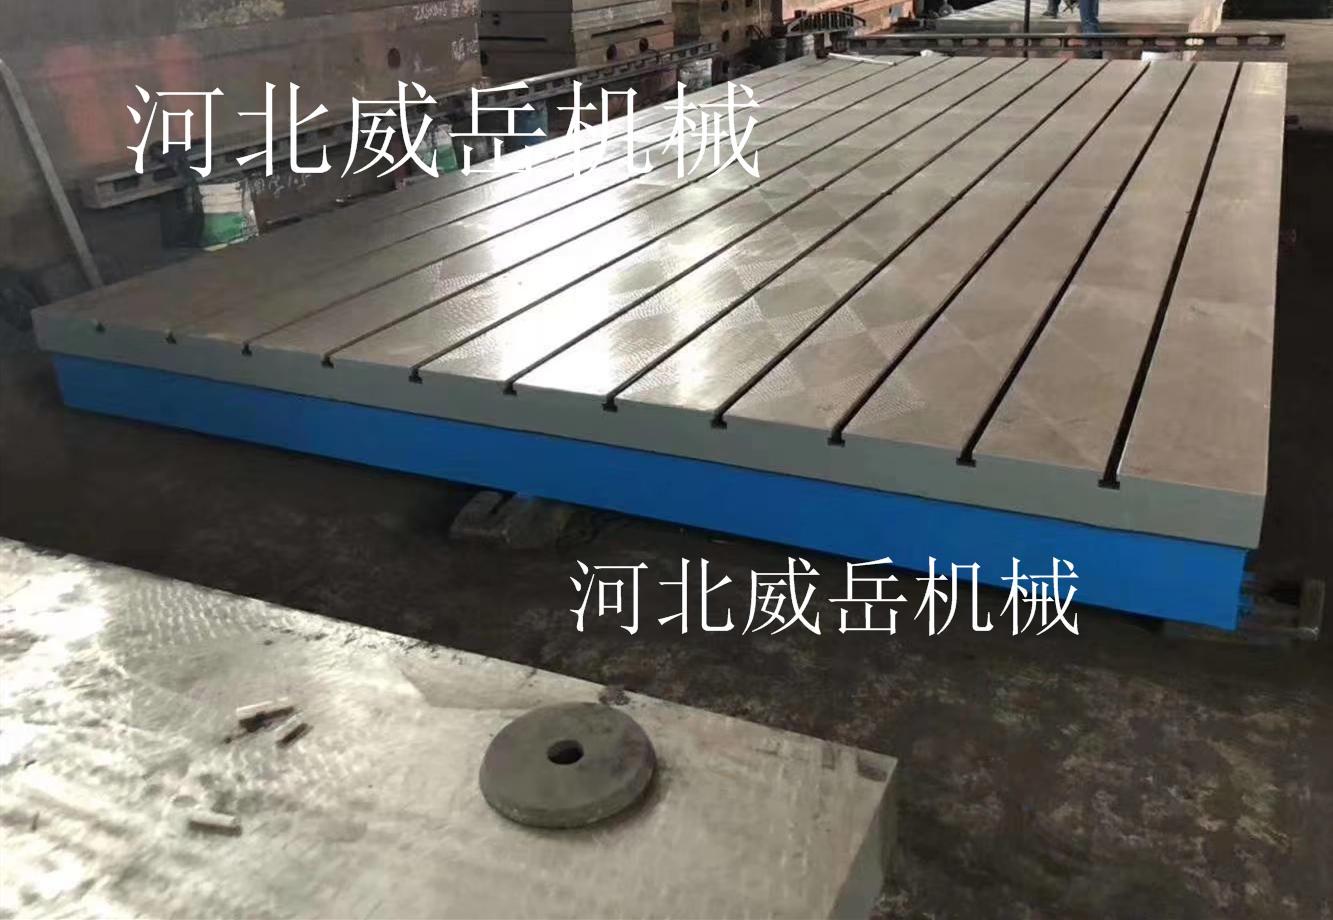 河北泊头 刨床加工 试验平台 铸铁试验底板规格可选